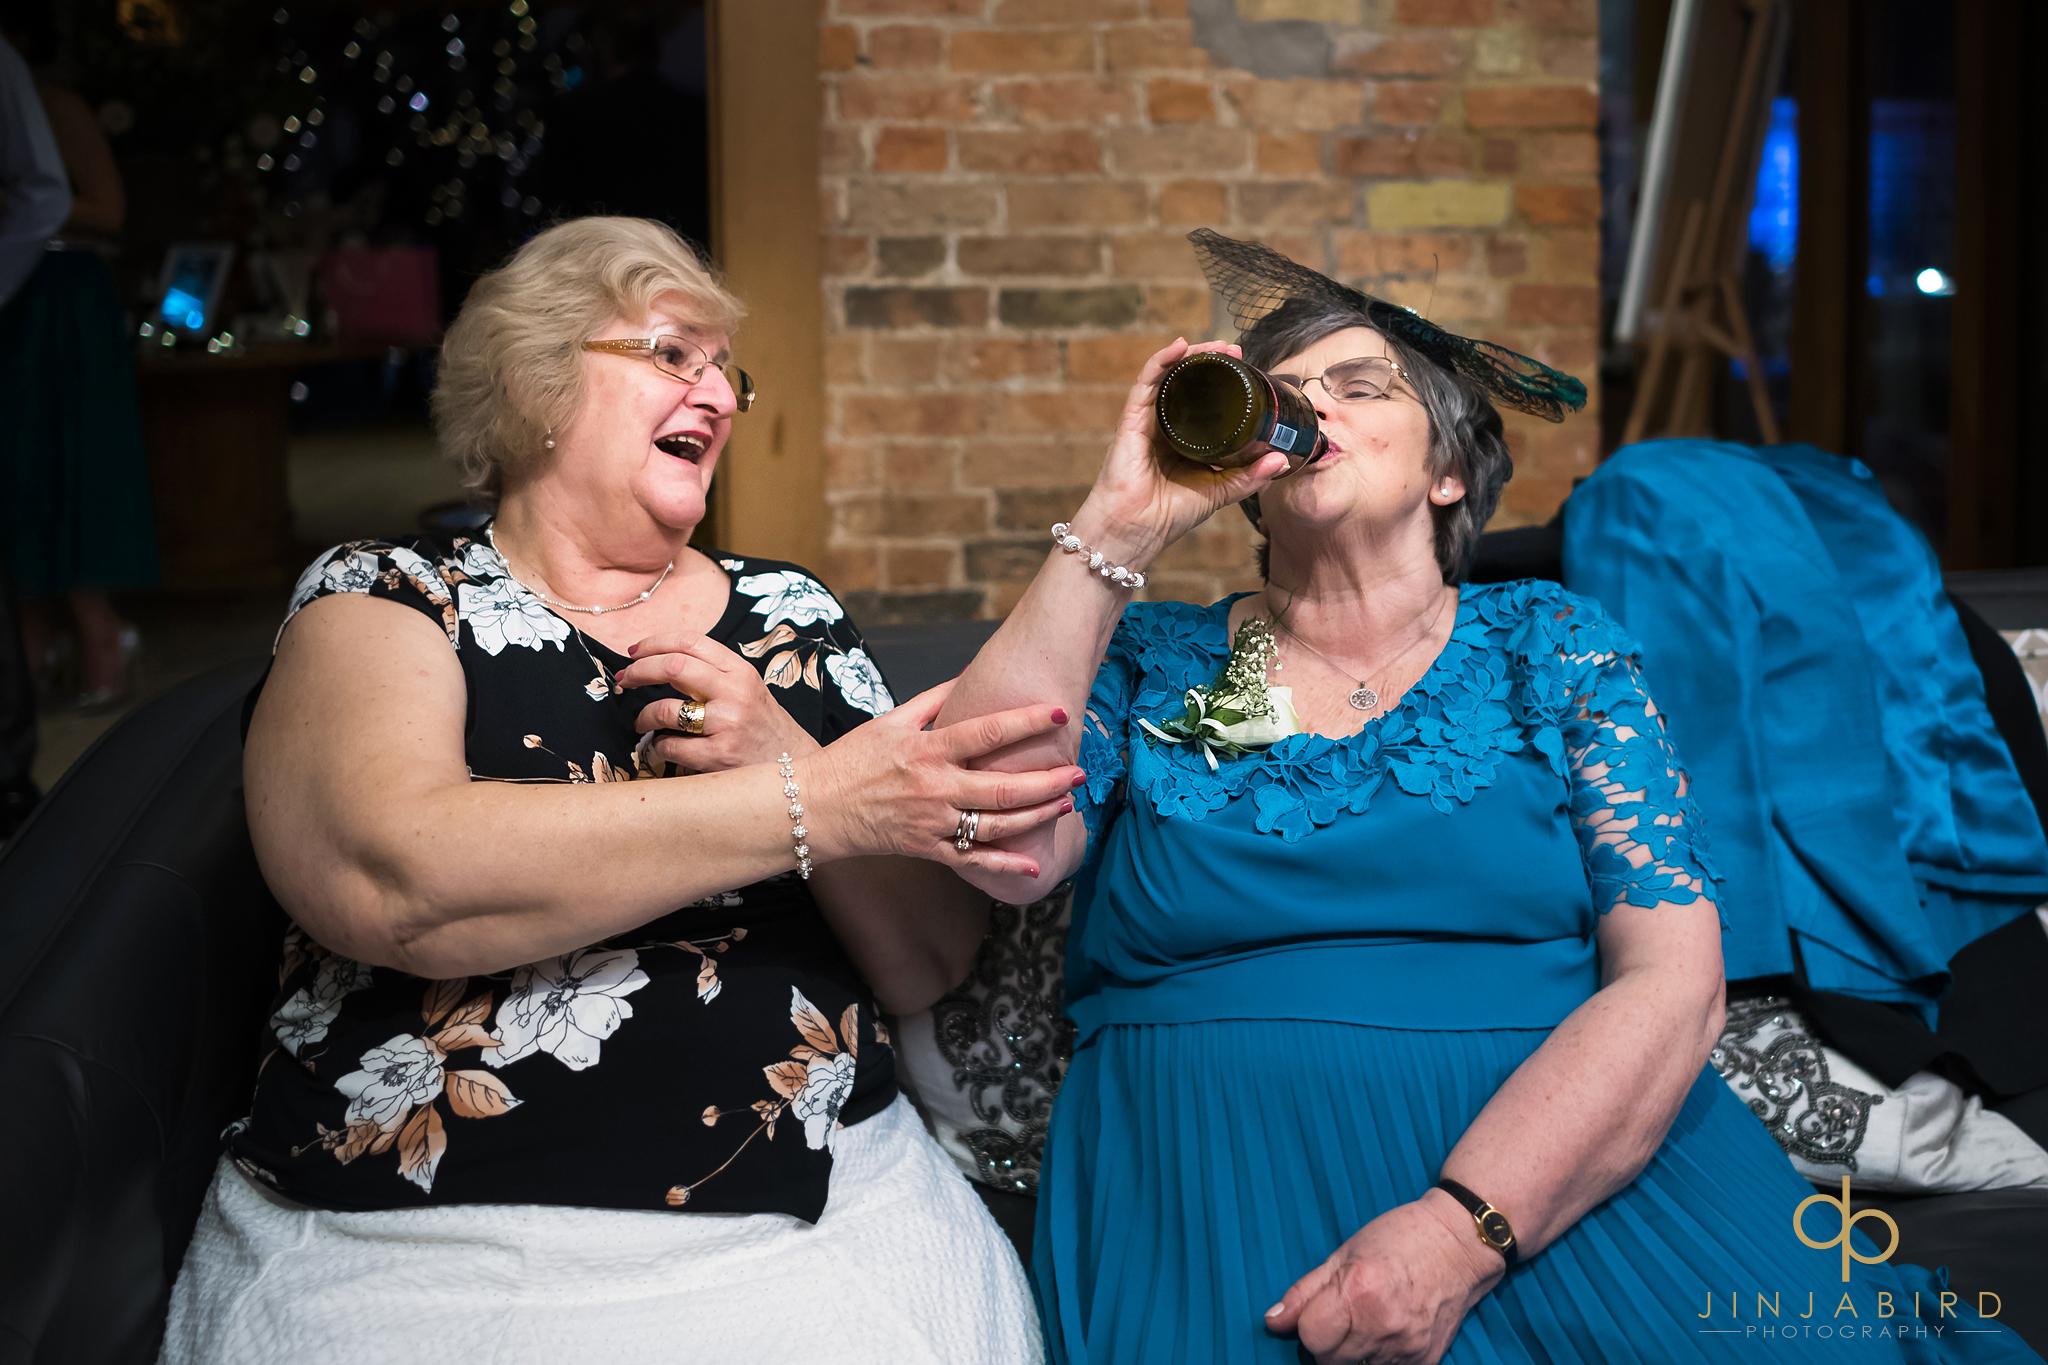 brides-mum-drinking-from-bottle